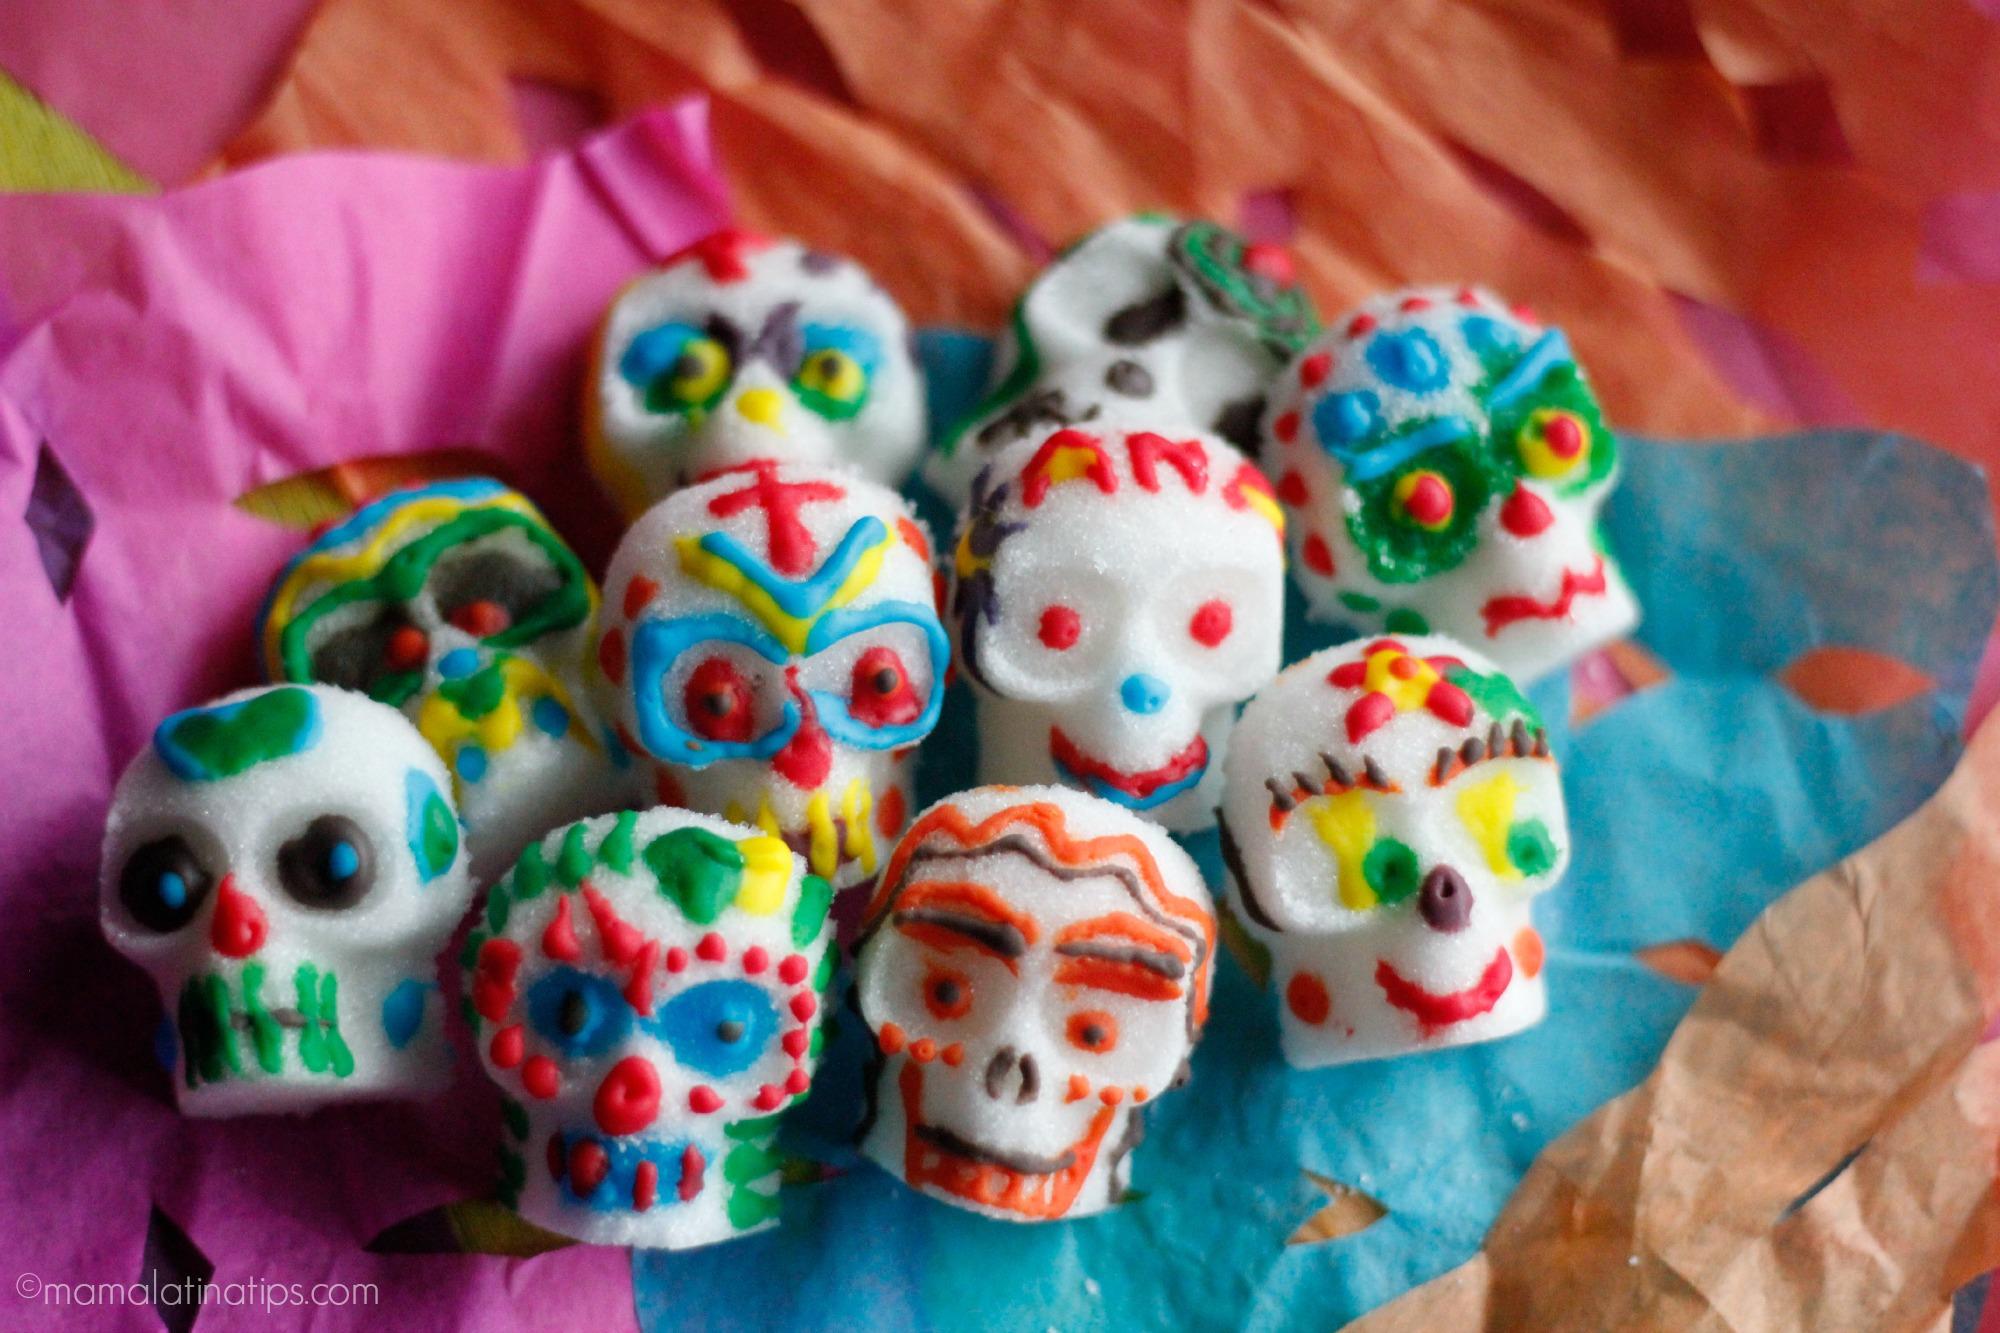 sugar-skulls-mamalatinatips.jpg